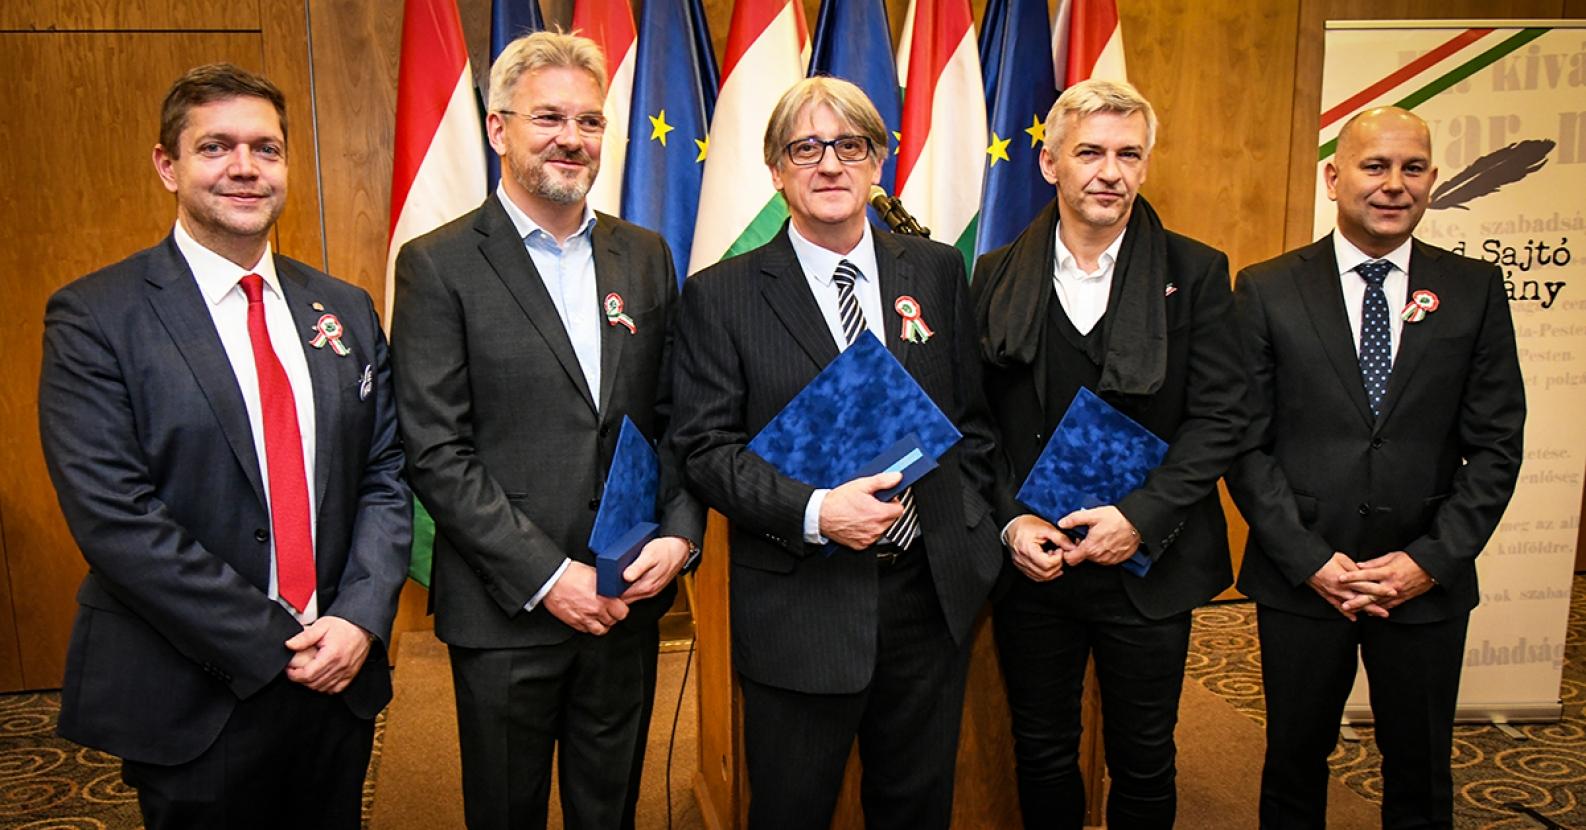 A Szabad Sajtó díj 2019 átadása. Fotó: mszp.hu